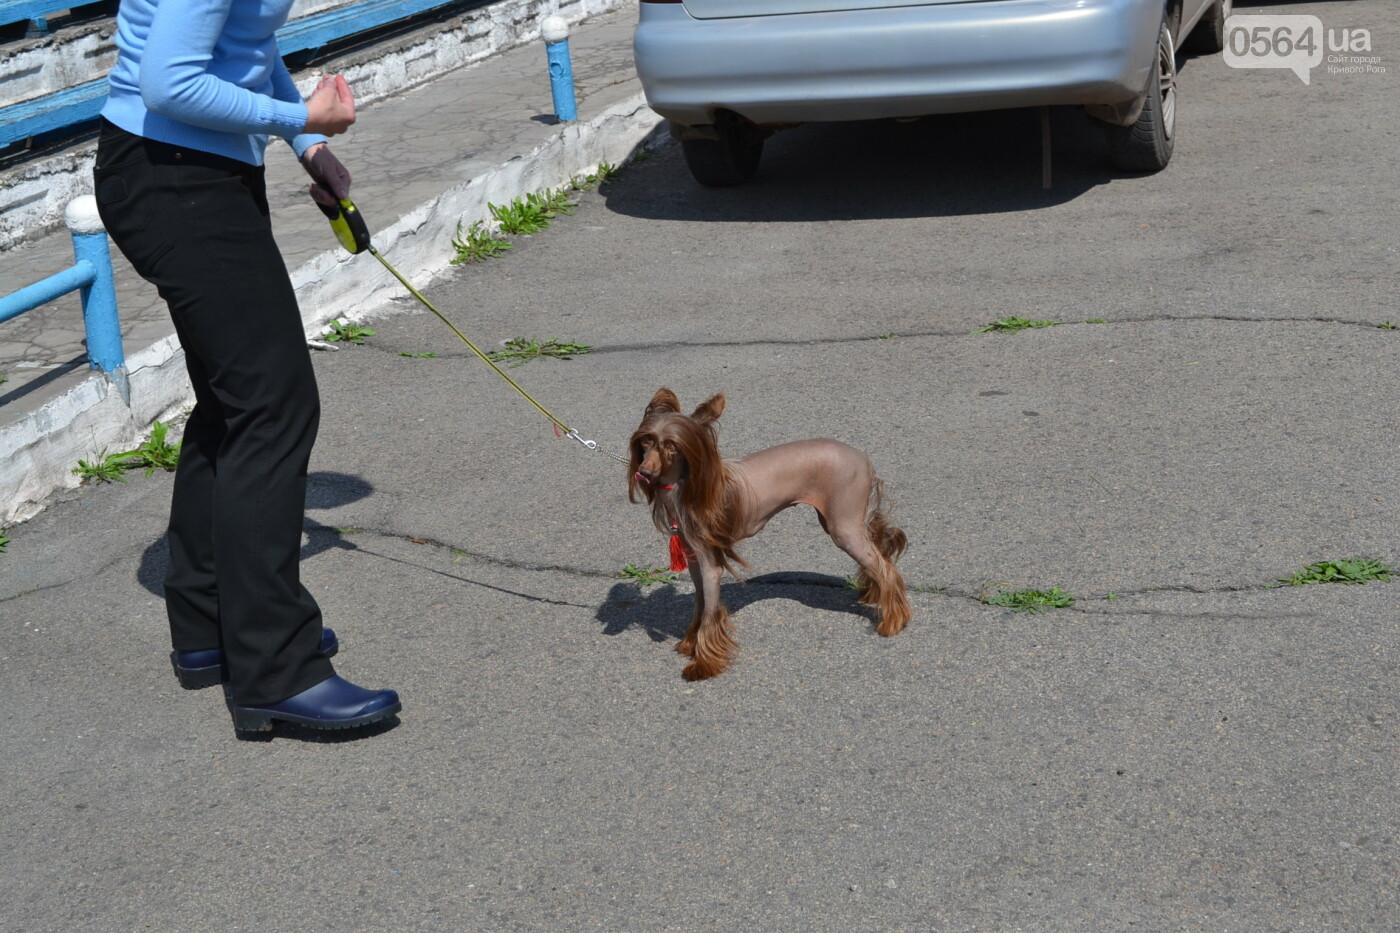 """""""Весна Кривбасса-2019"""": на выставке в Кривом Роге можно увидеть собак более 90 пород, - ФОТО, ВИДЕО, фото-19"""